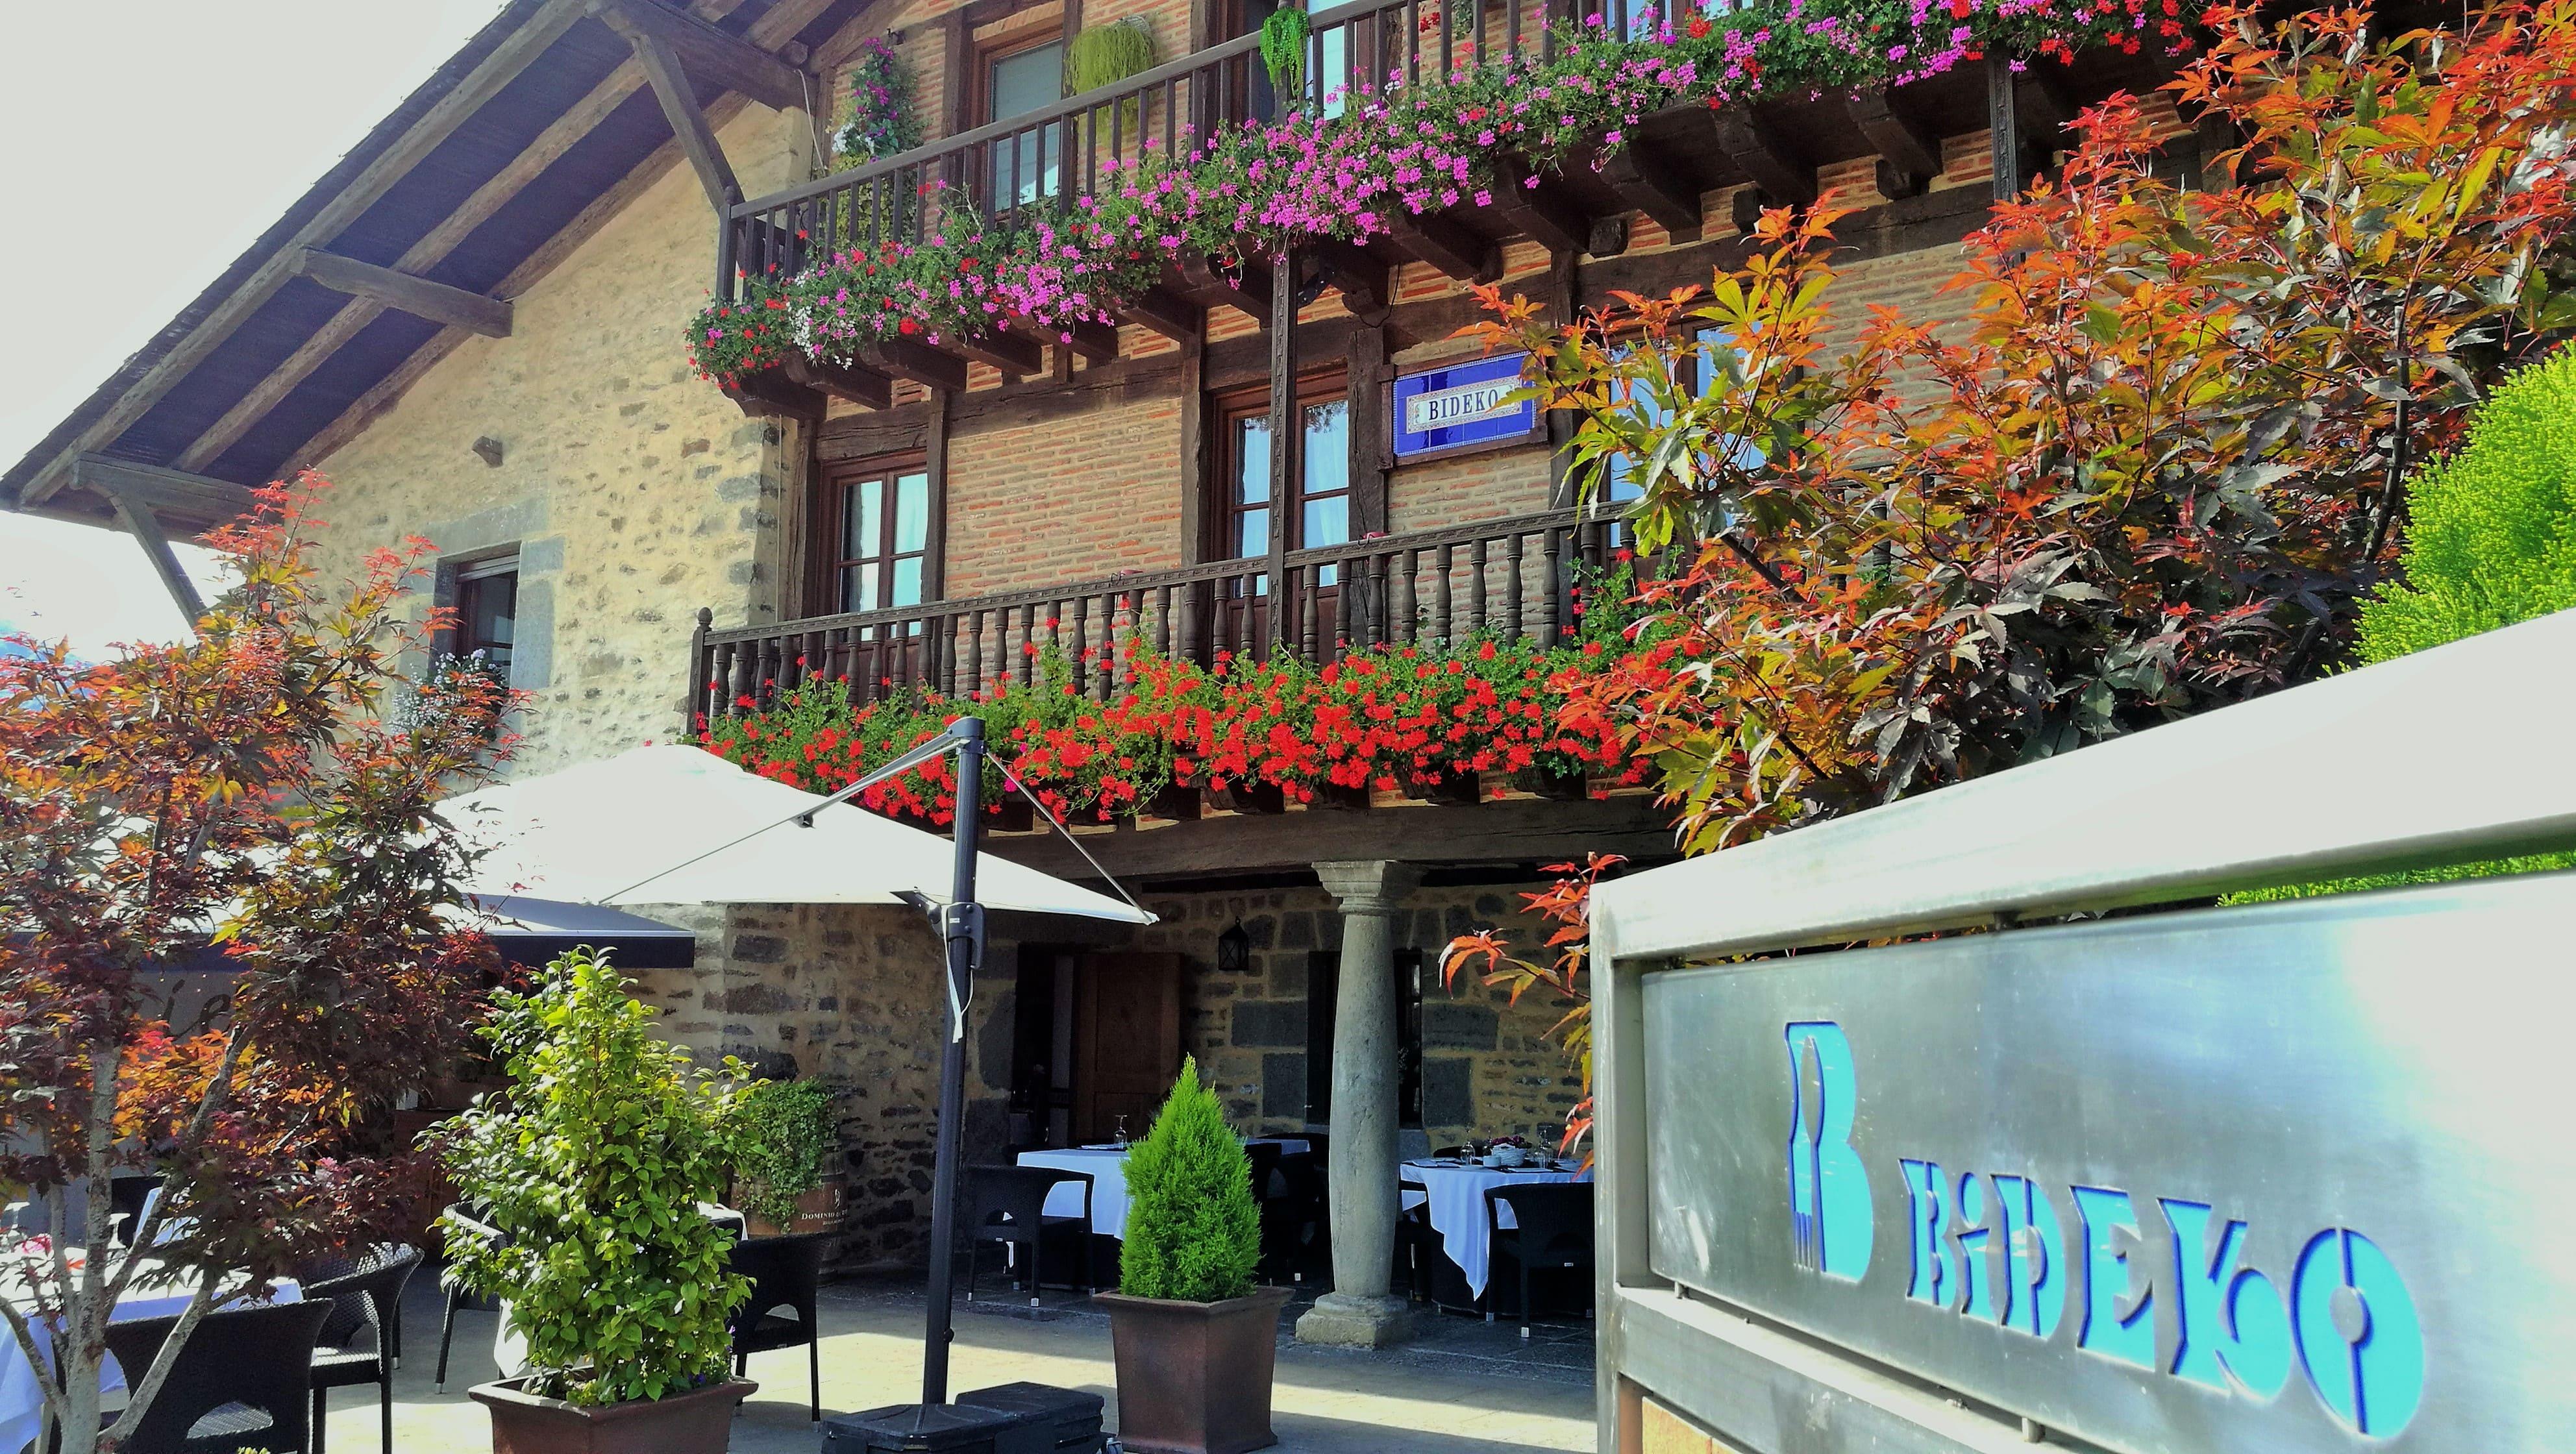 restaurante_bideko-exteriores-terraza-cocina_tradicional_vasca-restaurantes_vizcaya-restaurantes_alava-comer_en_euskadi-bideko-amurrio-lezama (31)